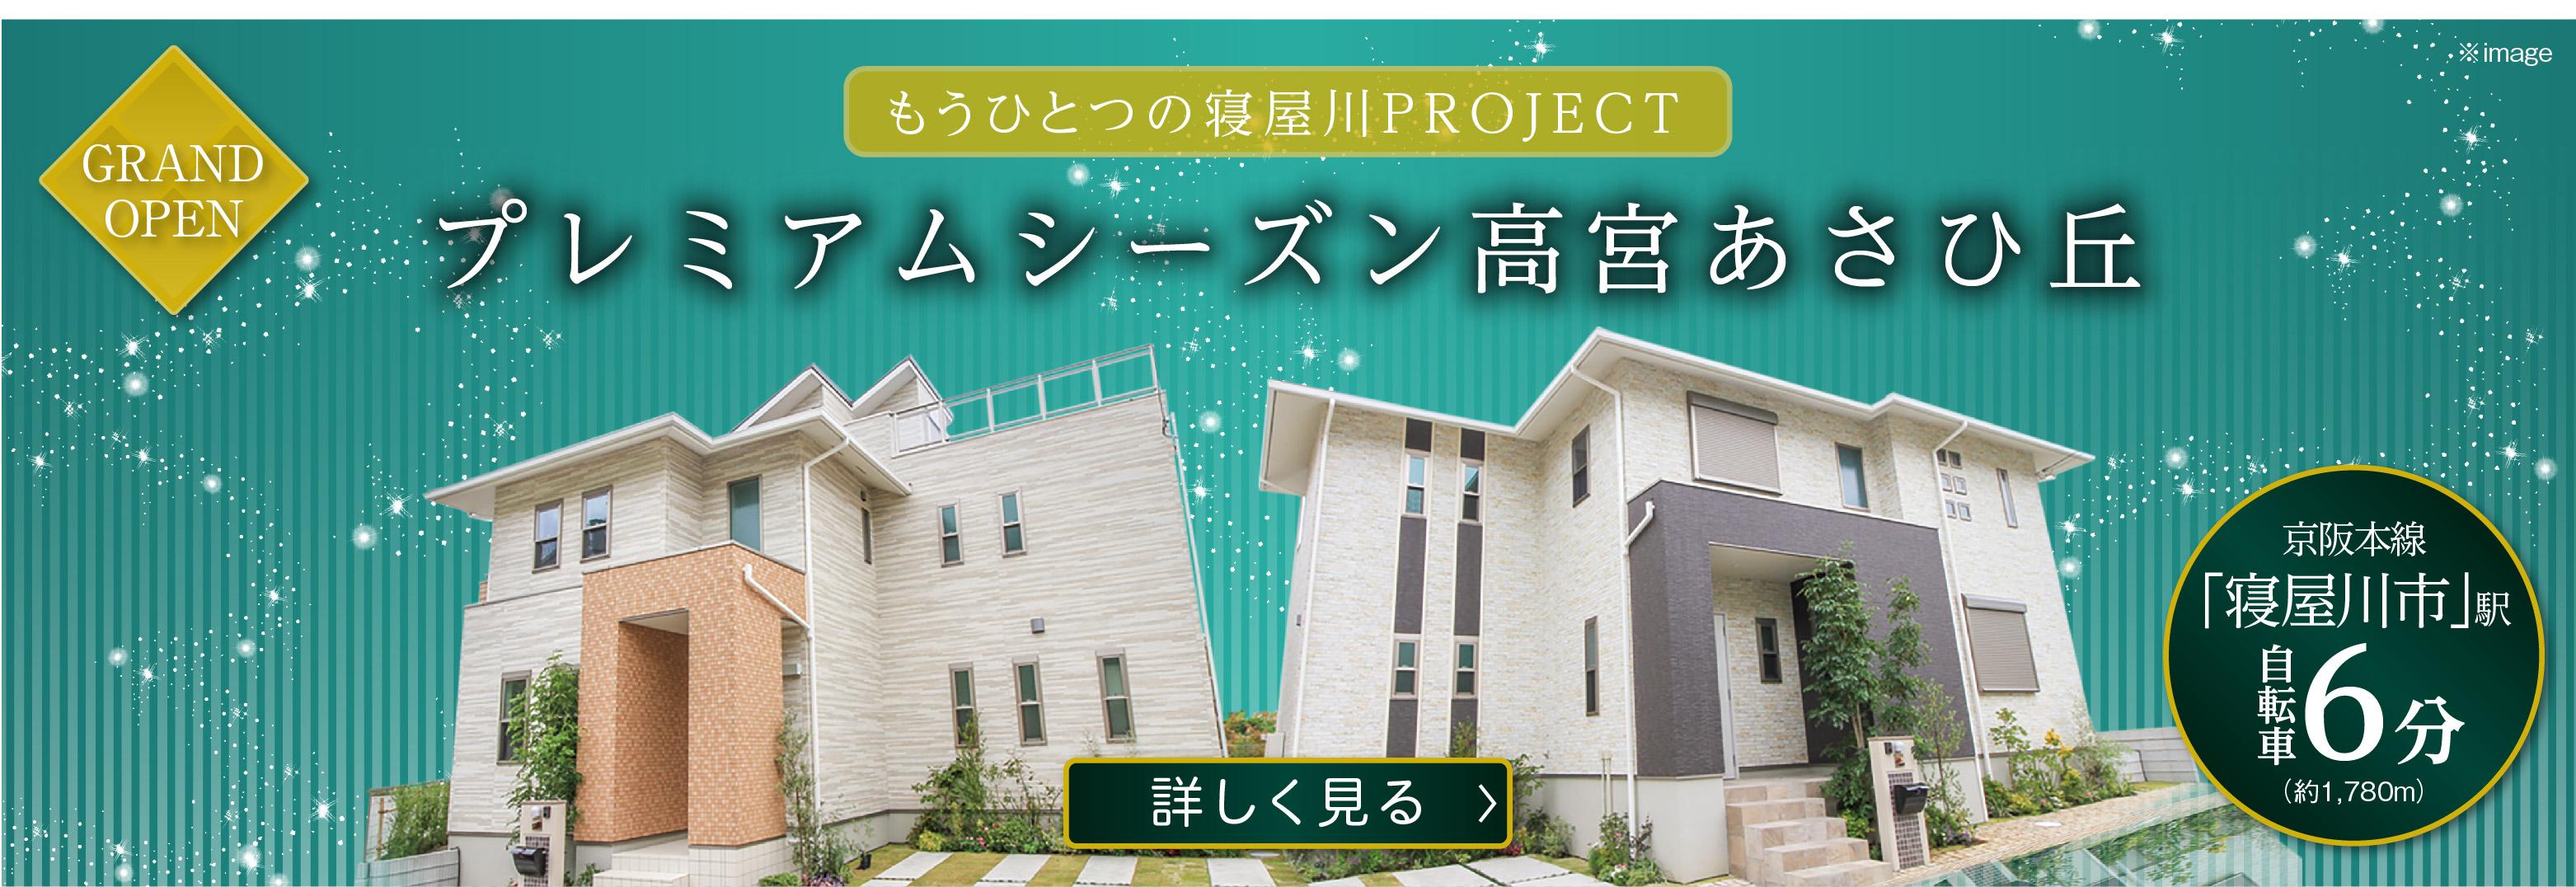 【もうひとつの寝屋川プロジェクト】プレミアムシーズン高宮あさひ丘